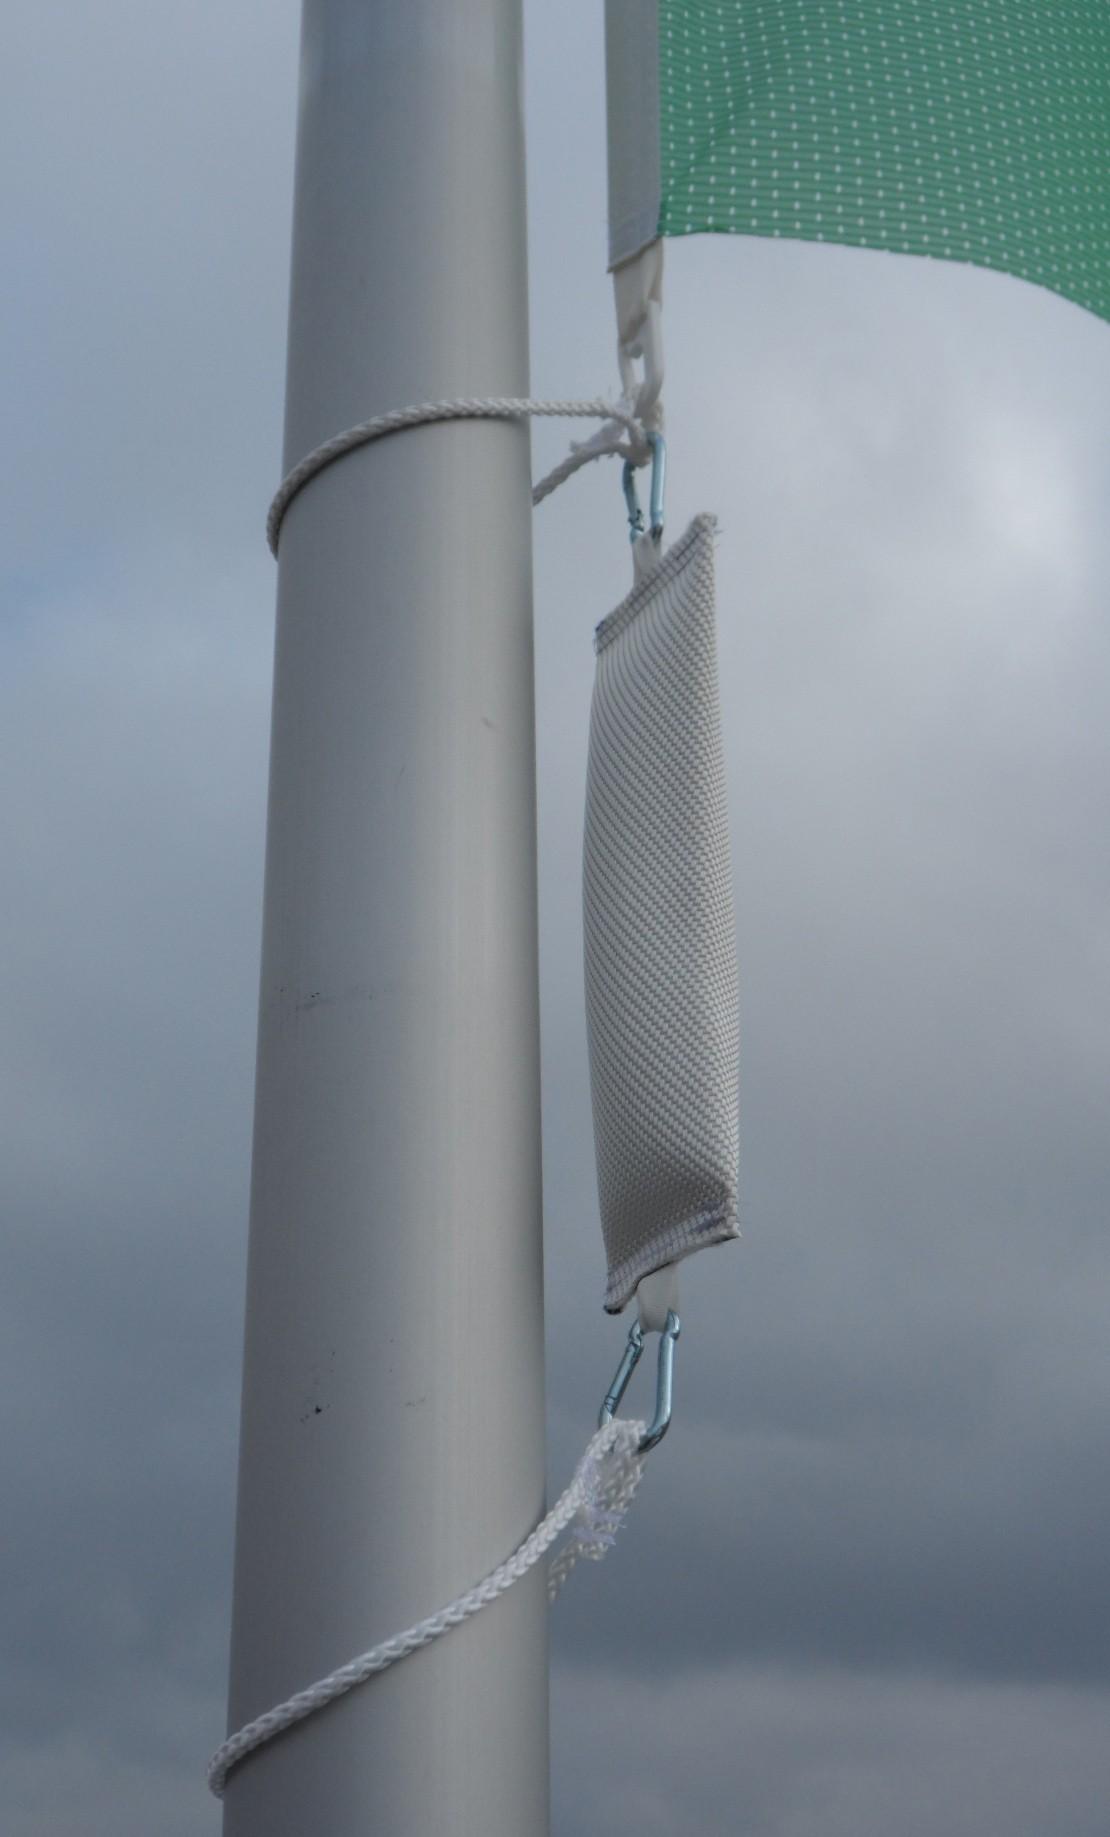 """Flaggengewicht """"Mega-Extrem"""" ca. 1500 Gramm, Kletterstoppgewicht  für Masten bis 60 mm Durchmesser"""